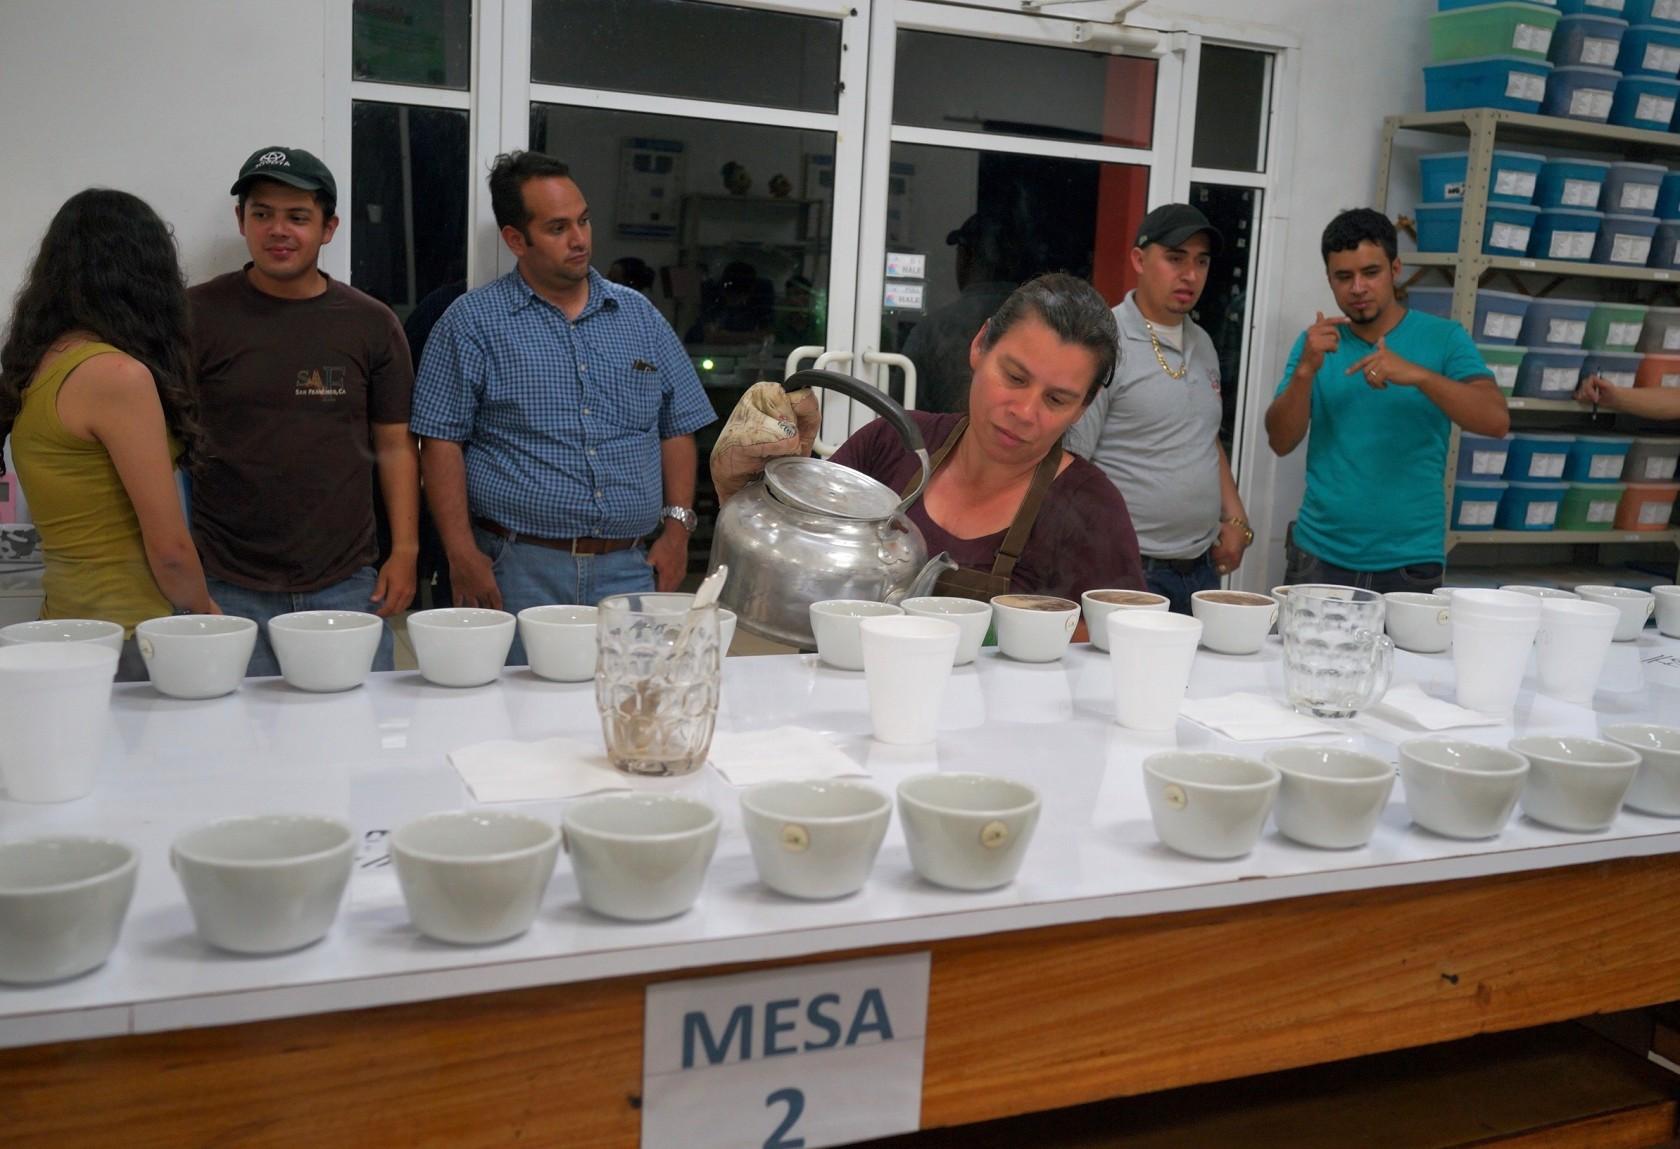 スペシャルティコーヒー素材買付の旅2016 ホンジュラス